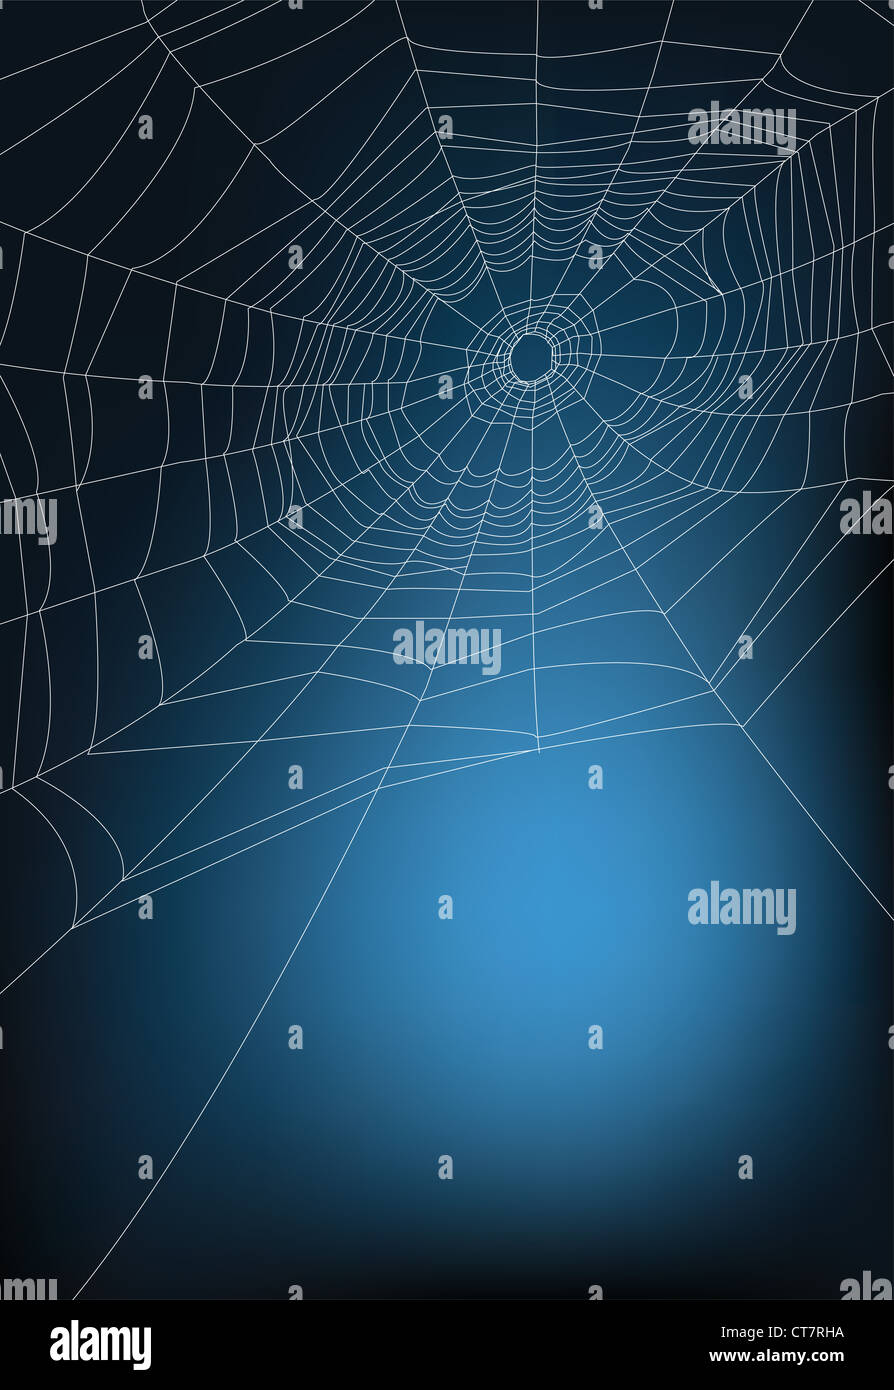 Ilustración de tela de araña, de fondo. Foto de stock